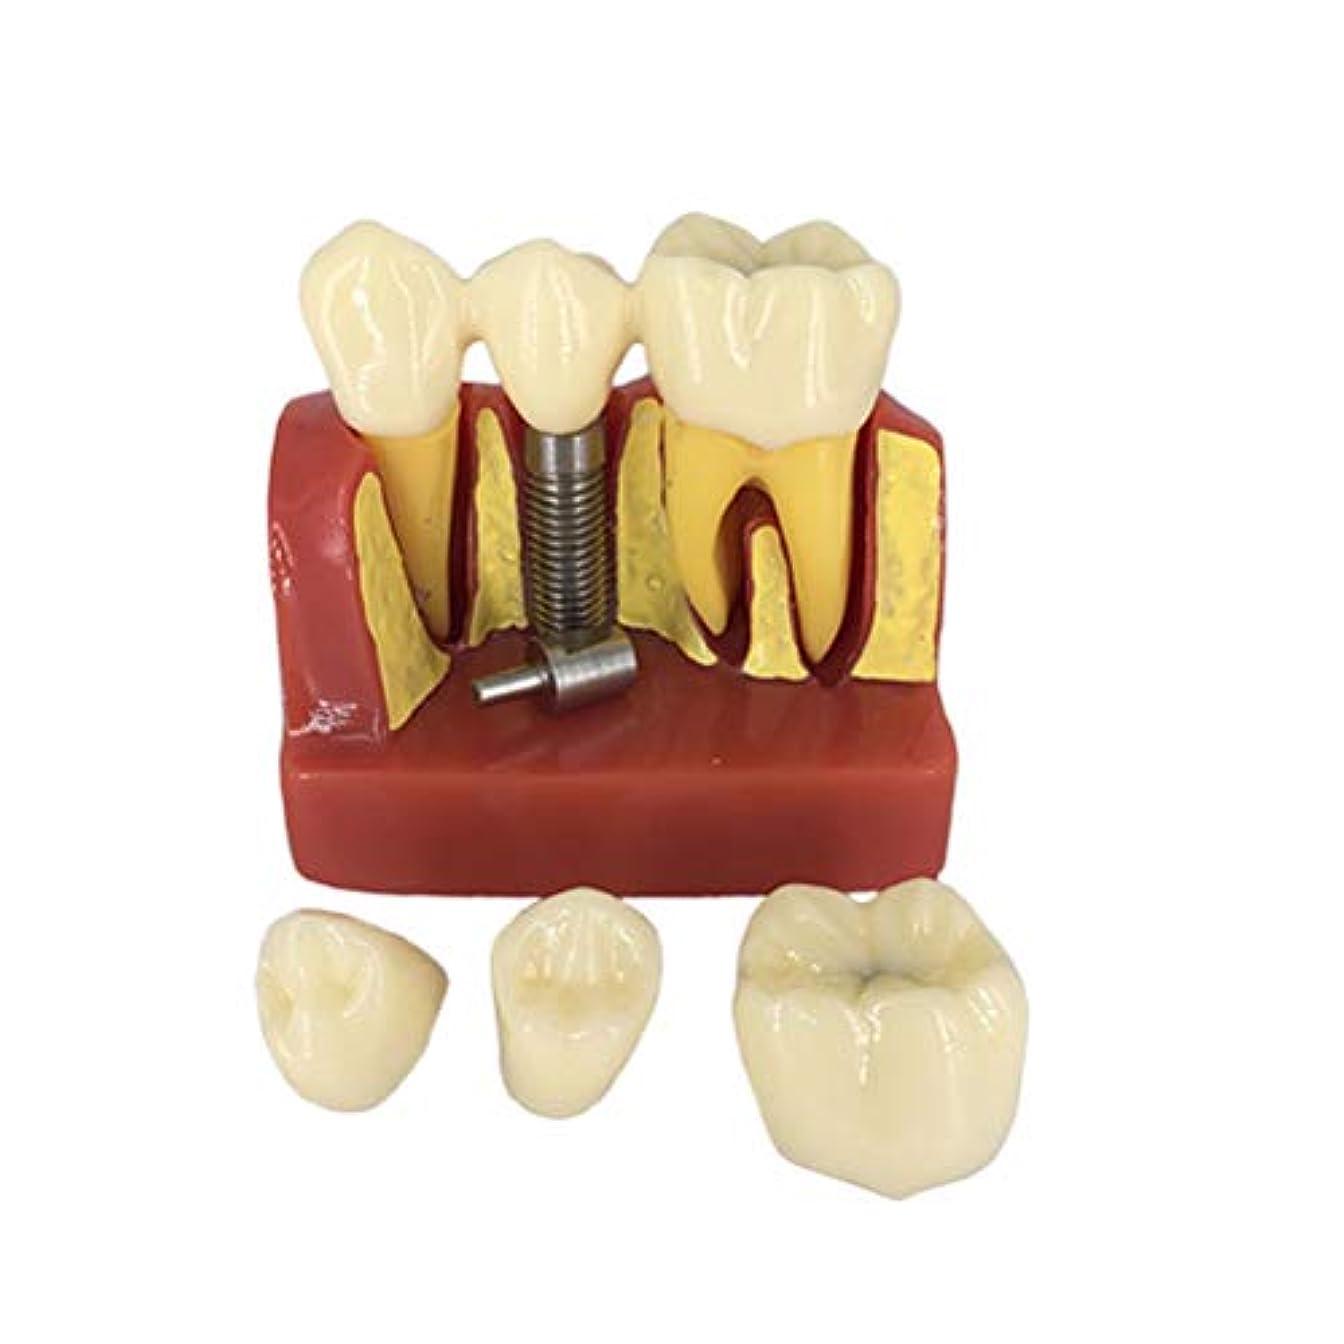 要件一お肉HEALIFTY デンタルデモンストレーション歯モデルデンタルモードを教える標準的な研究